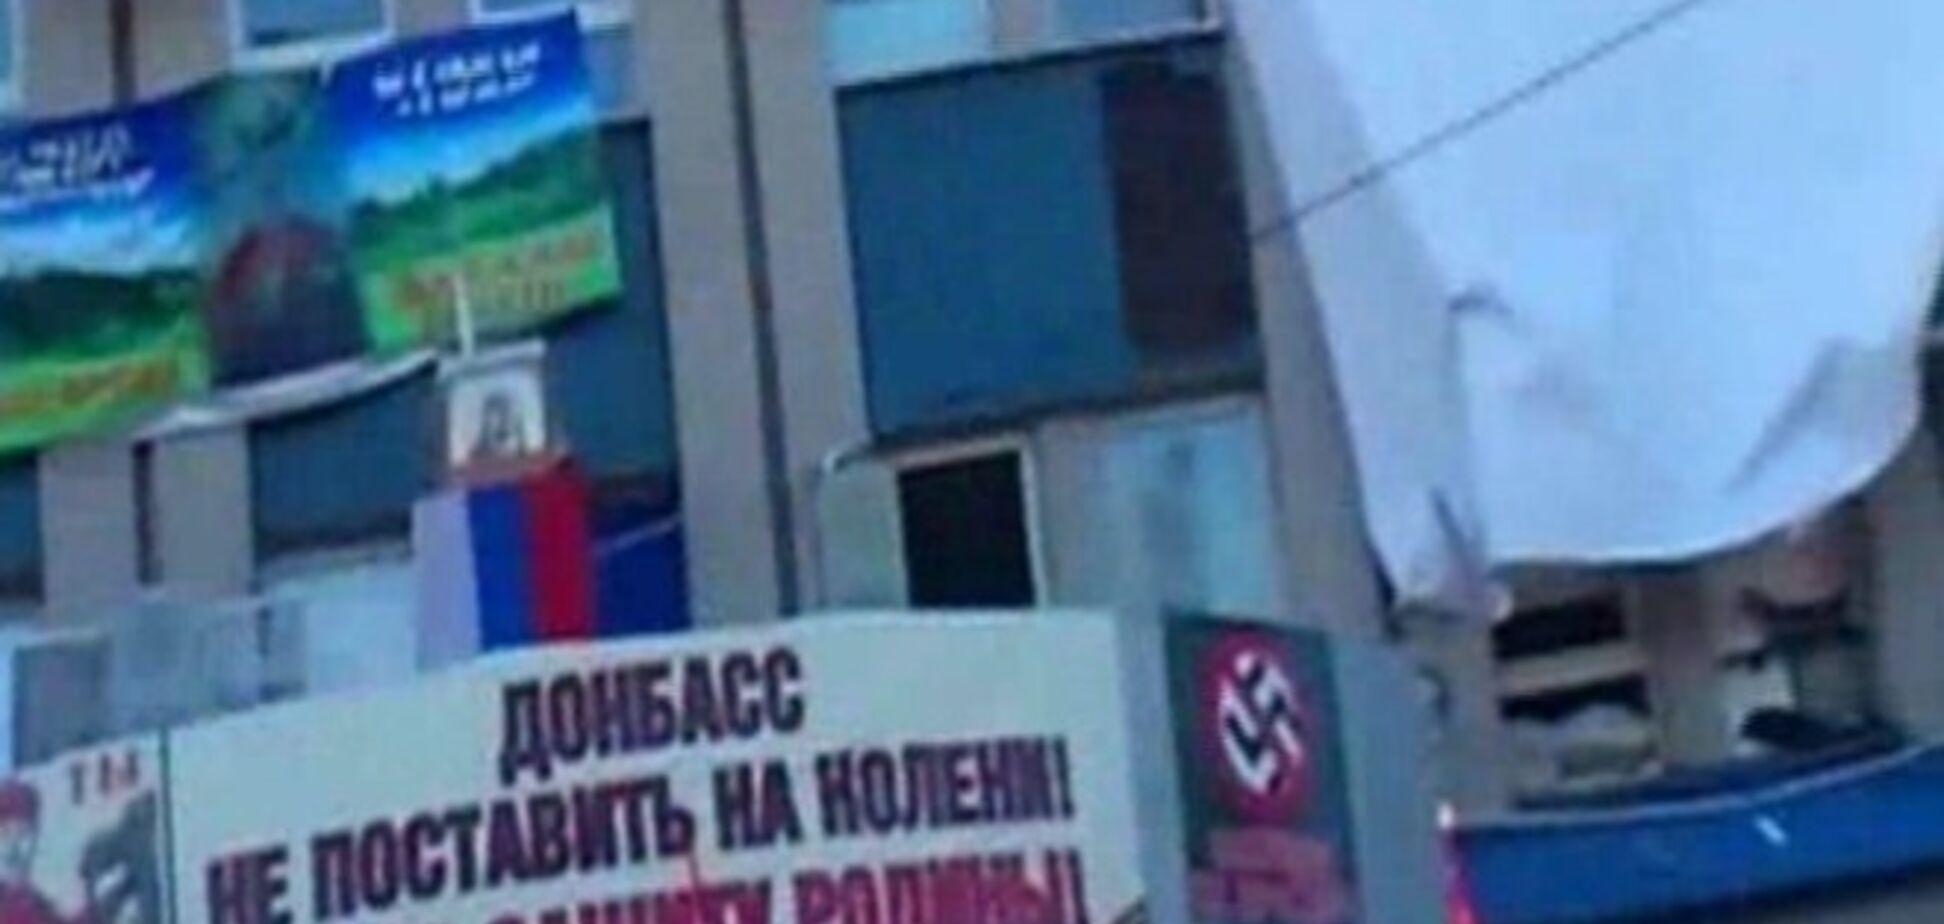 В Луганске пособников террористов используют как 'живой щит' - СМИ